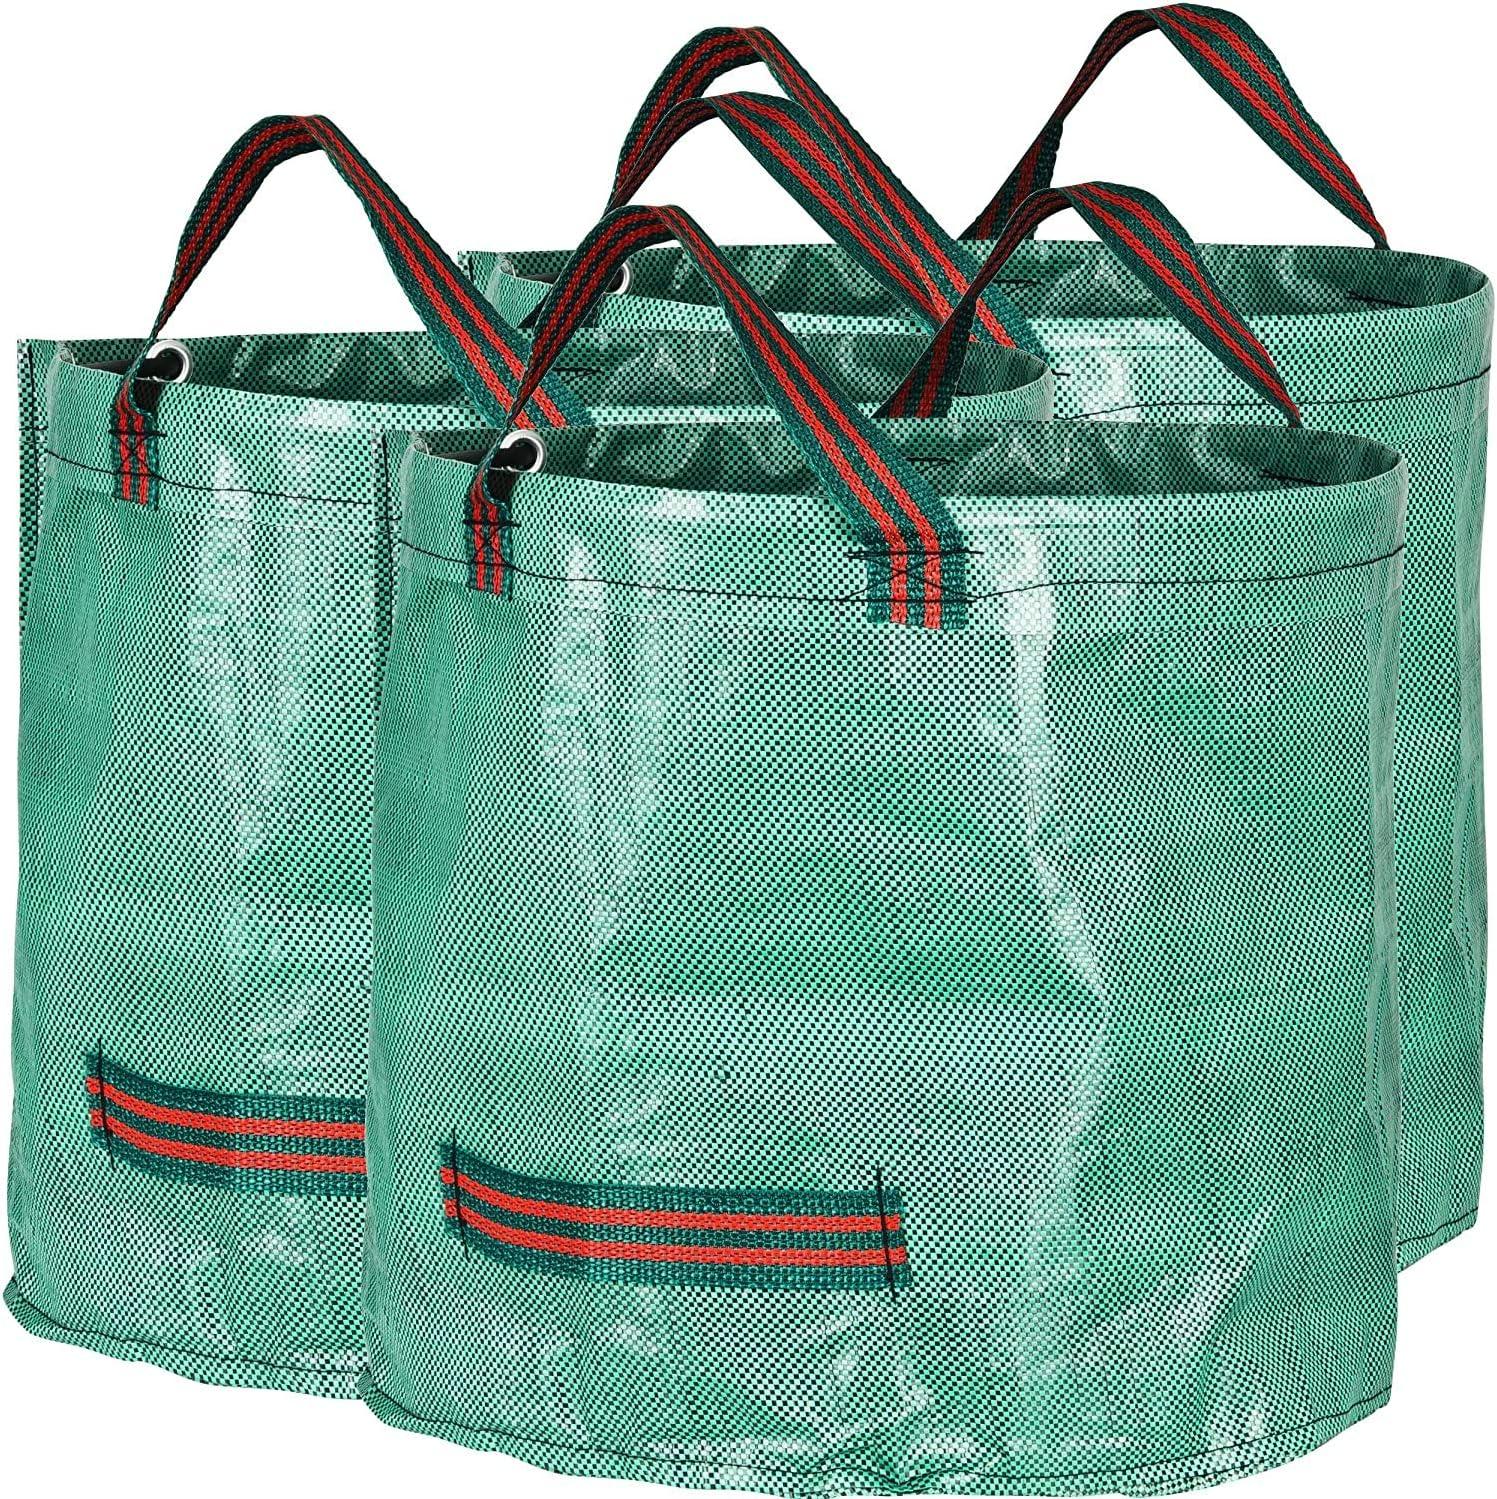 注文後の変更キャンセル返品 セール特価 3 Pack 16 Gallons Reusable Lawn inches Bags D18